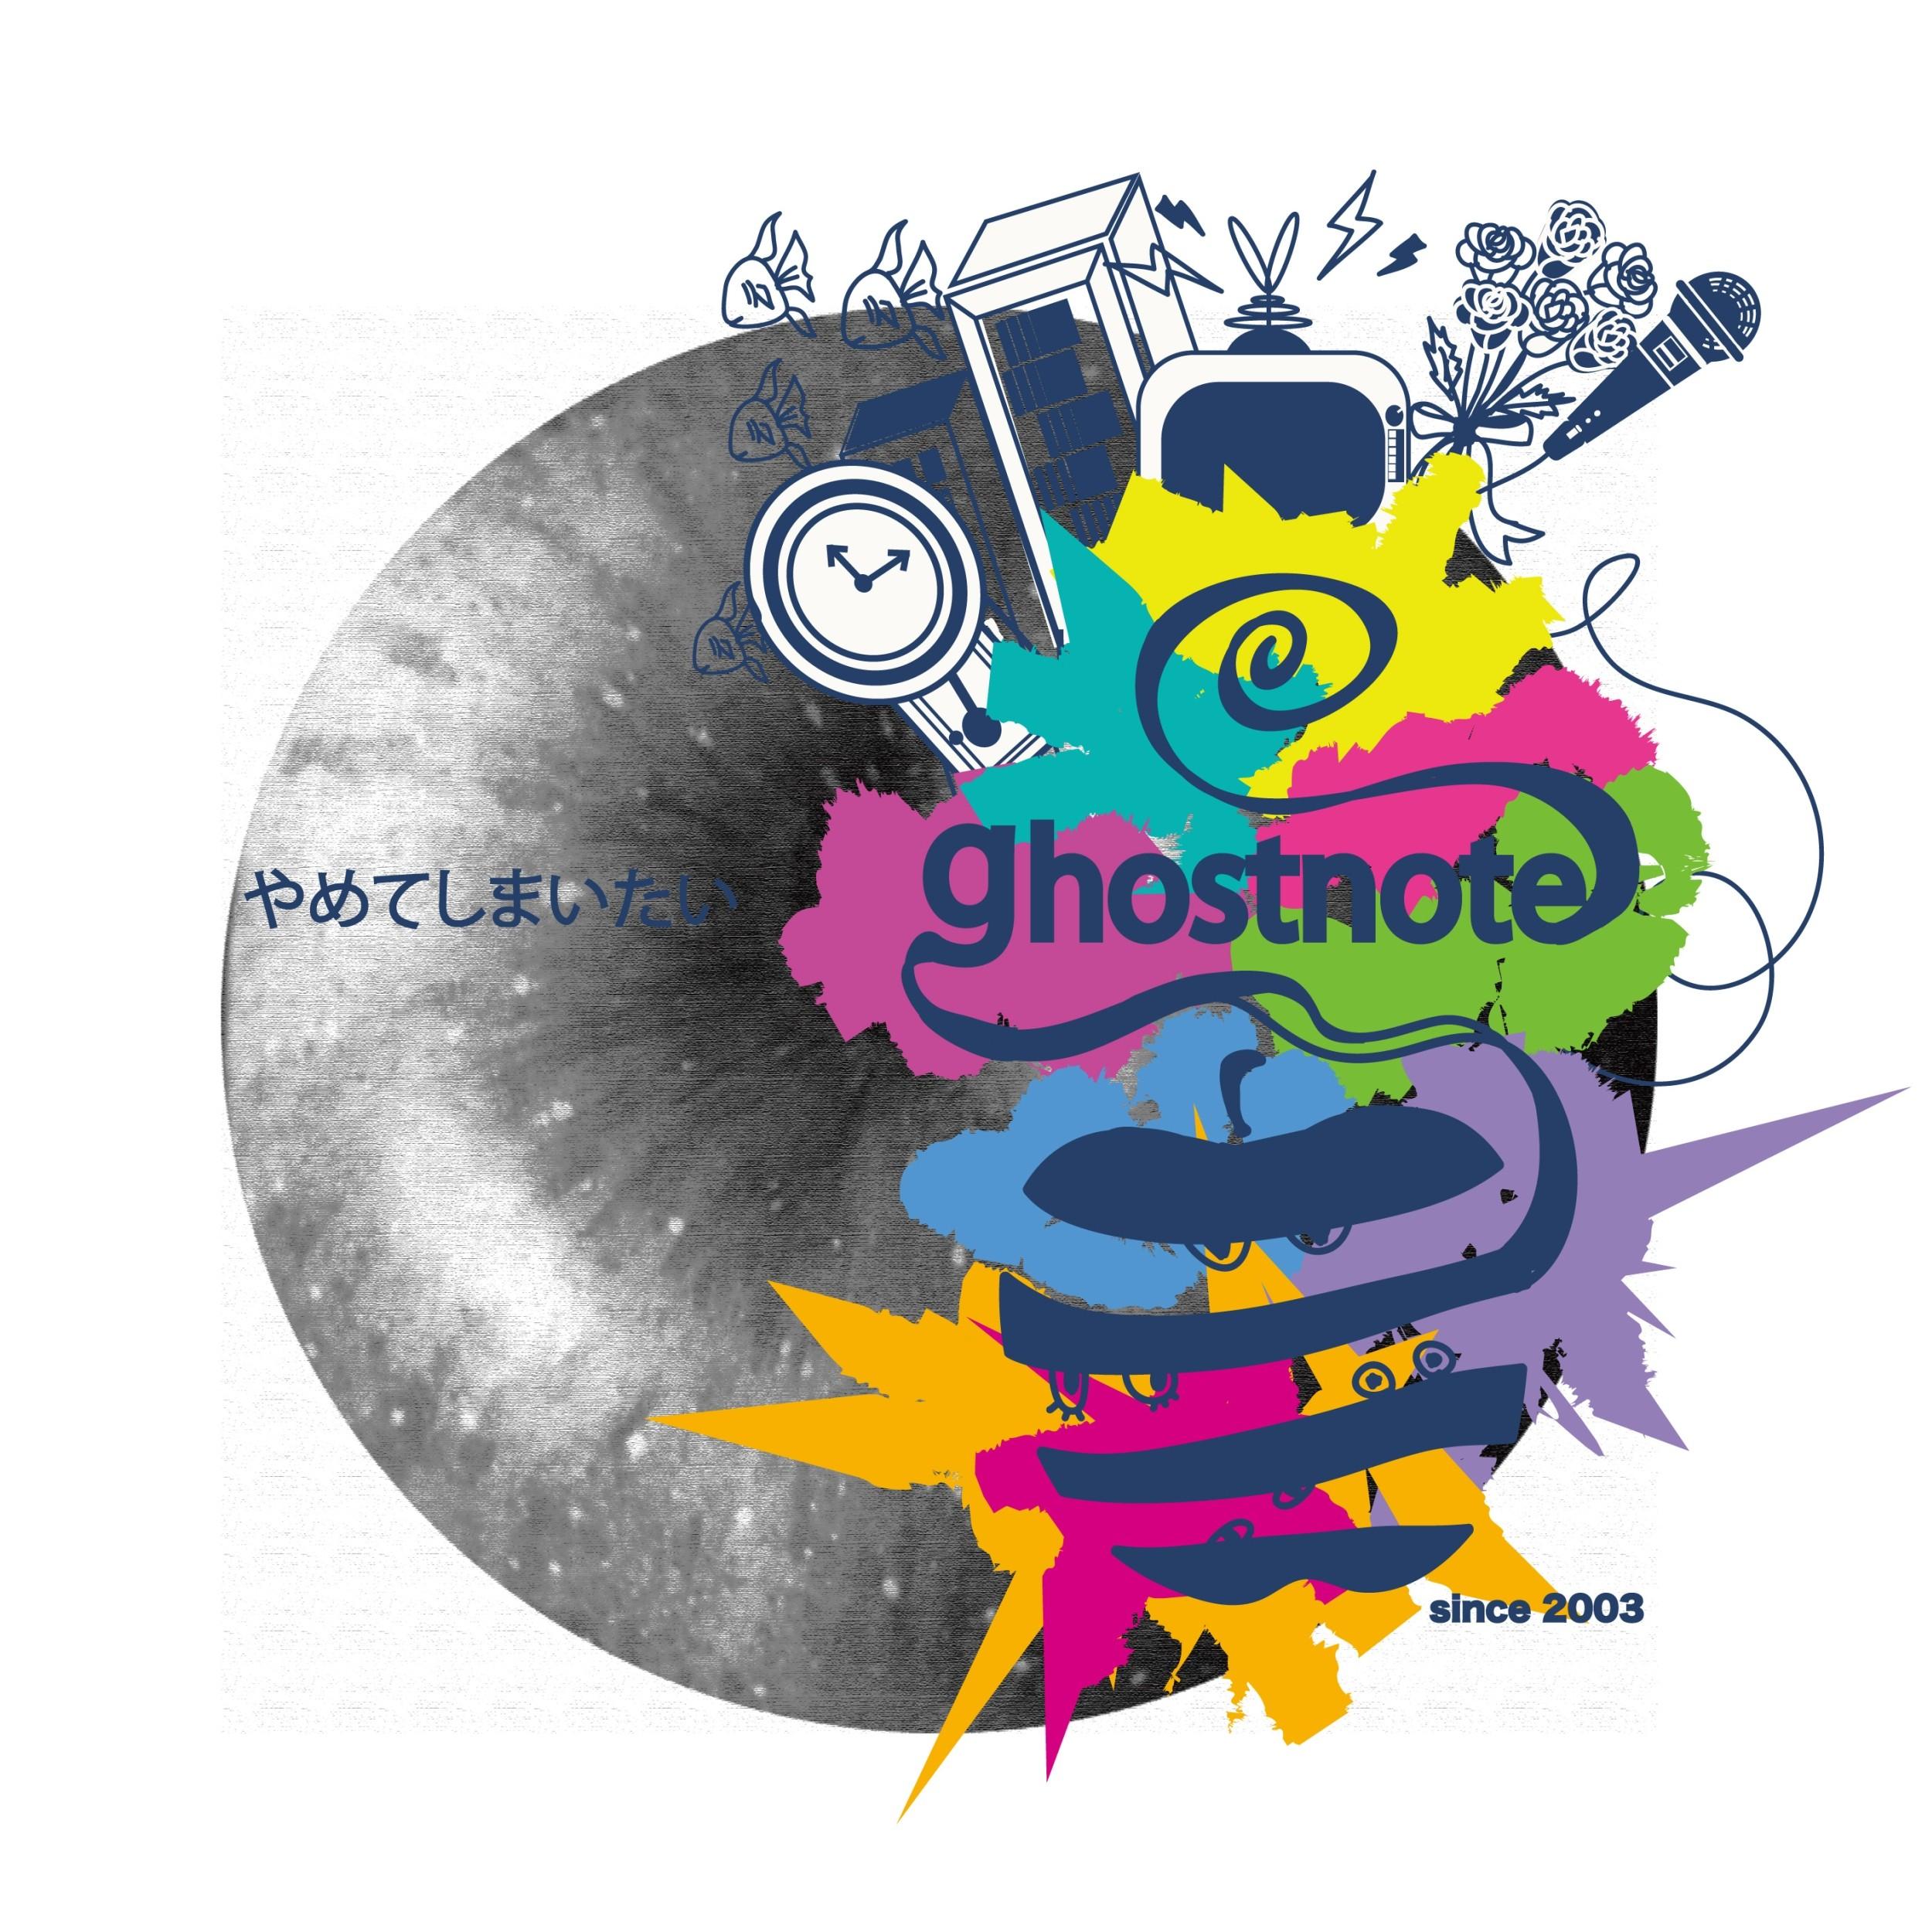 Image of やめてしまいたい / ghostnote